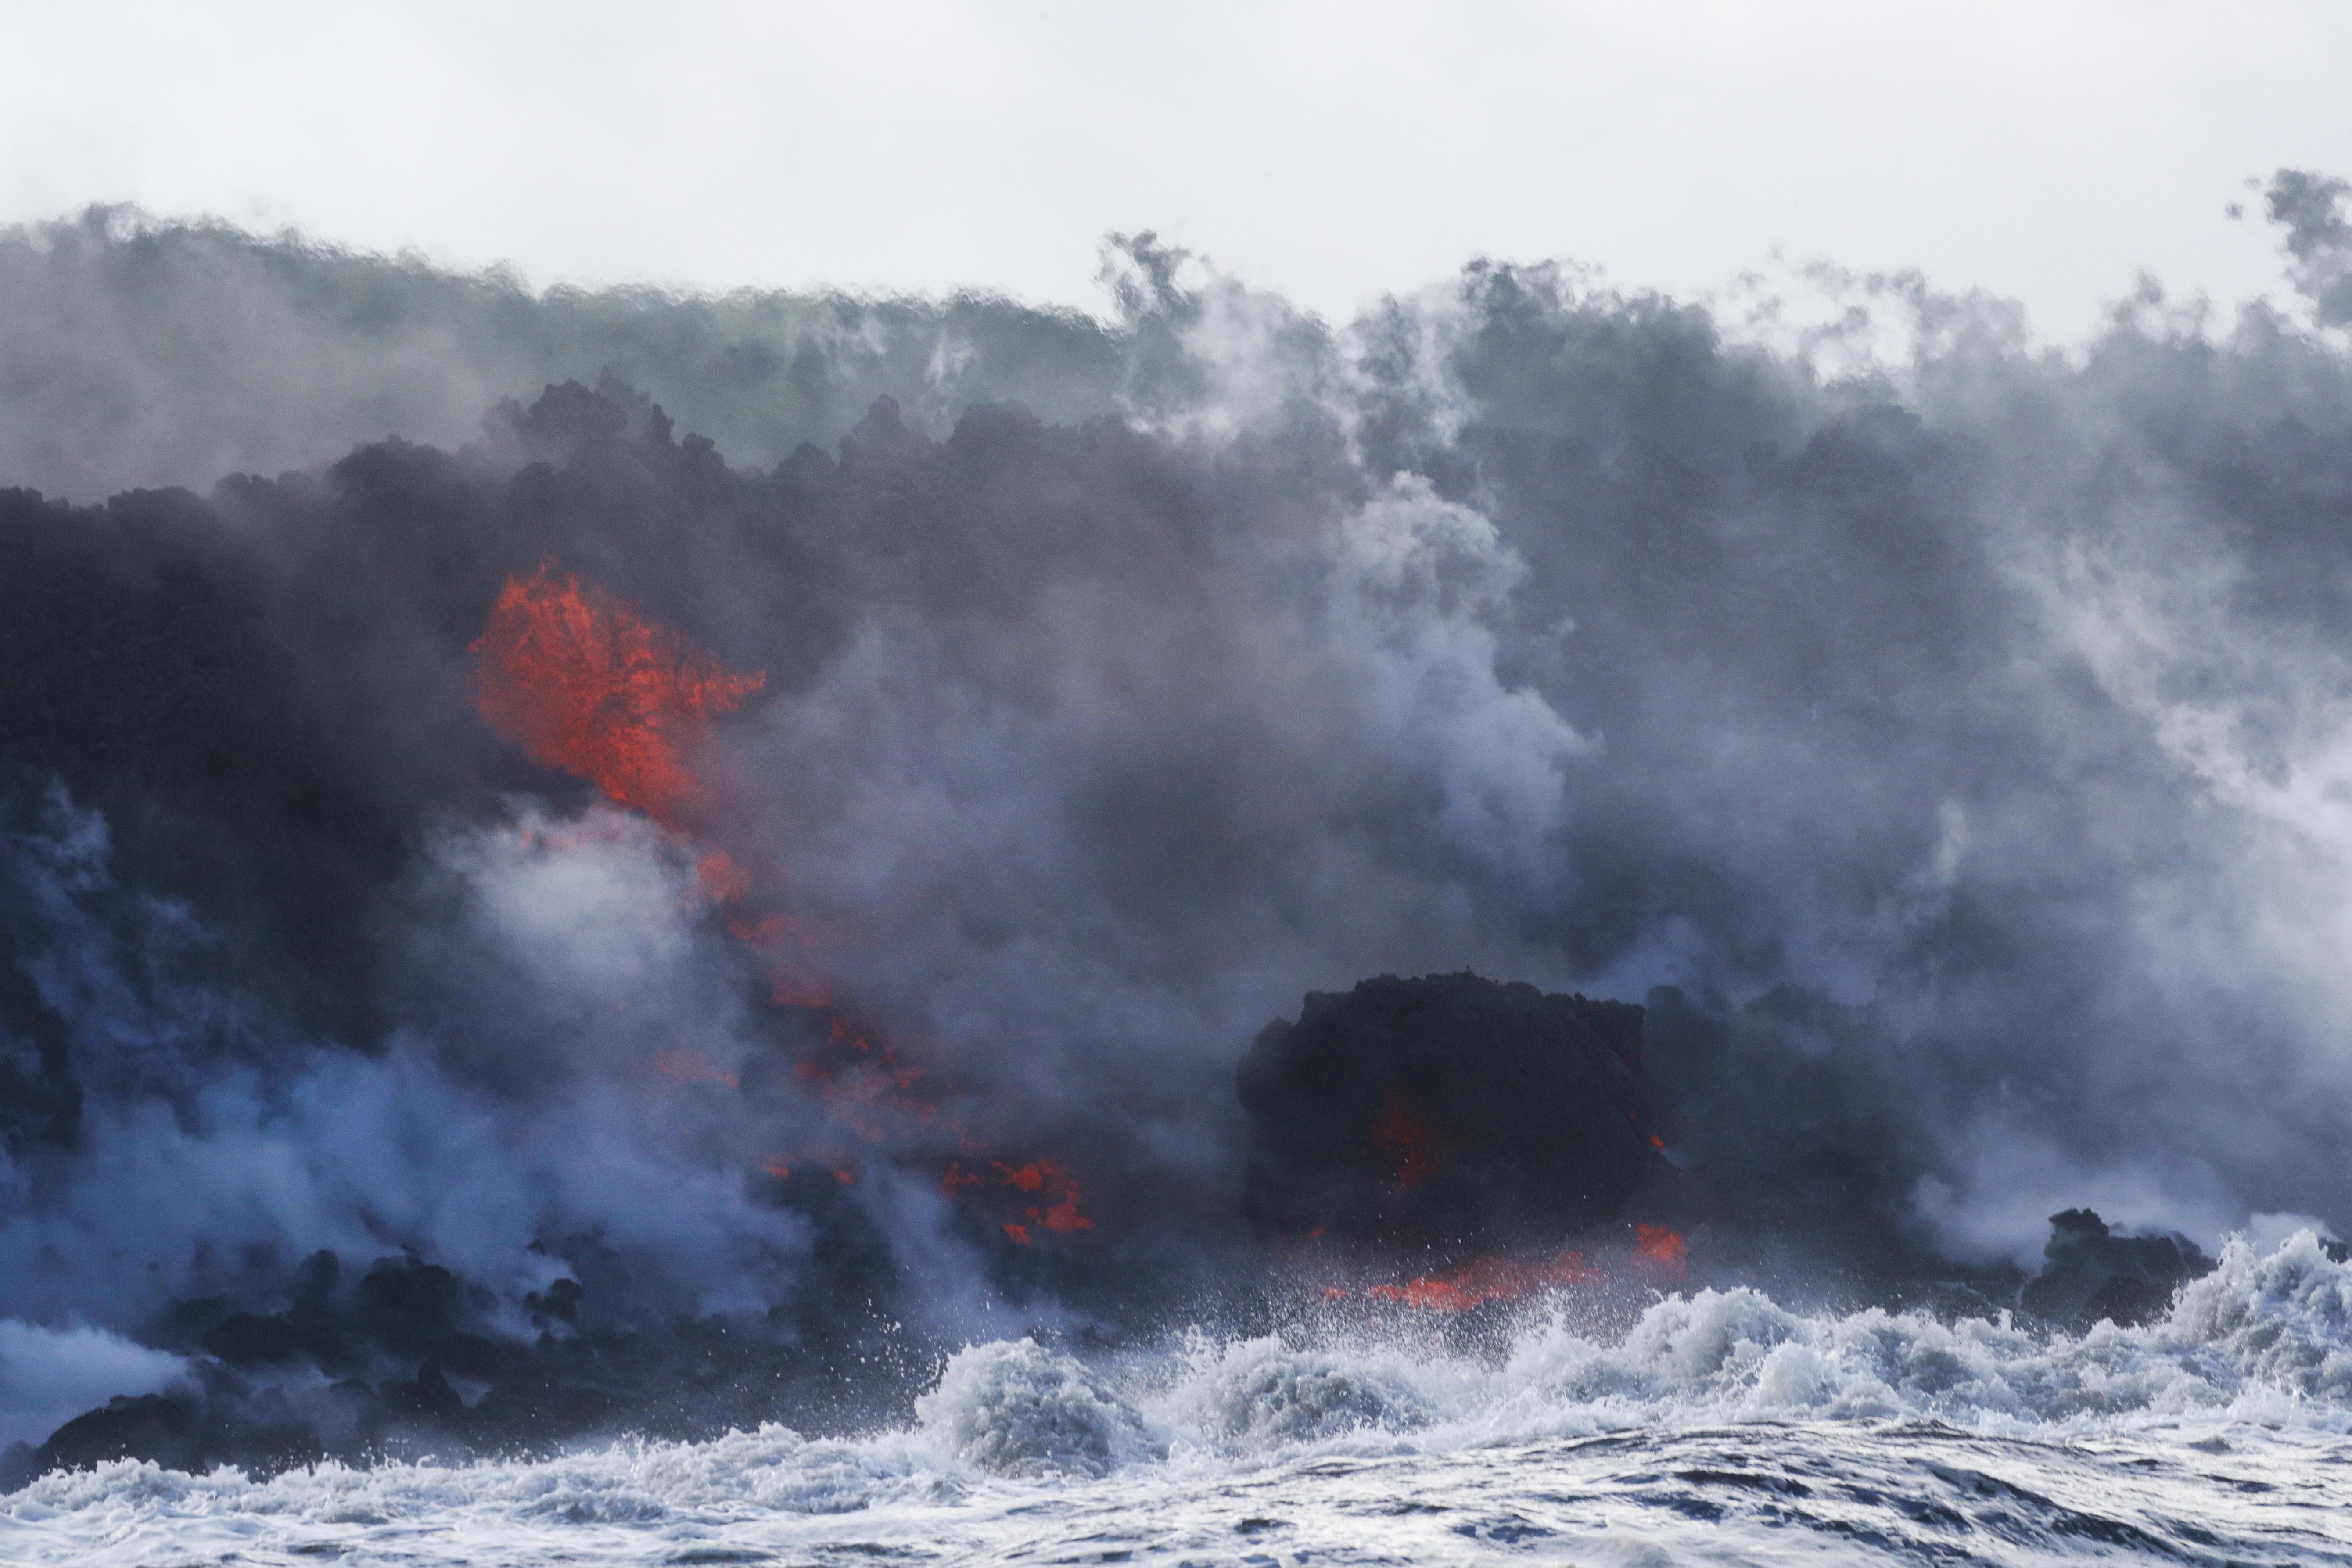 La lava del volcán Kilauea llega al océano cerca de Pahoa, en Hawaii, Estados Unidos, el 20 de mayo de 2018 (AP Foto/ Jae C. Hong)